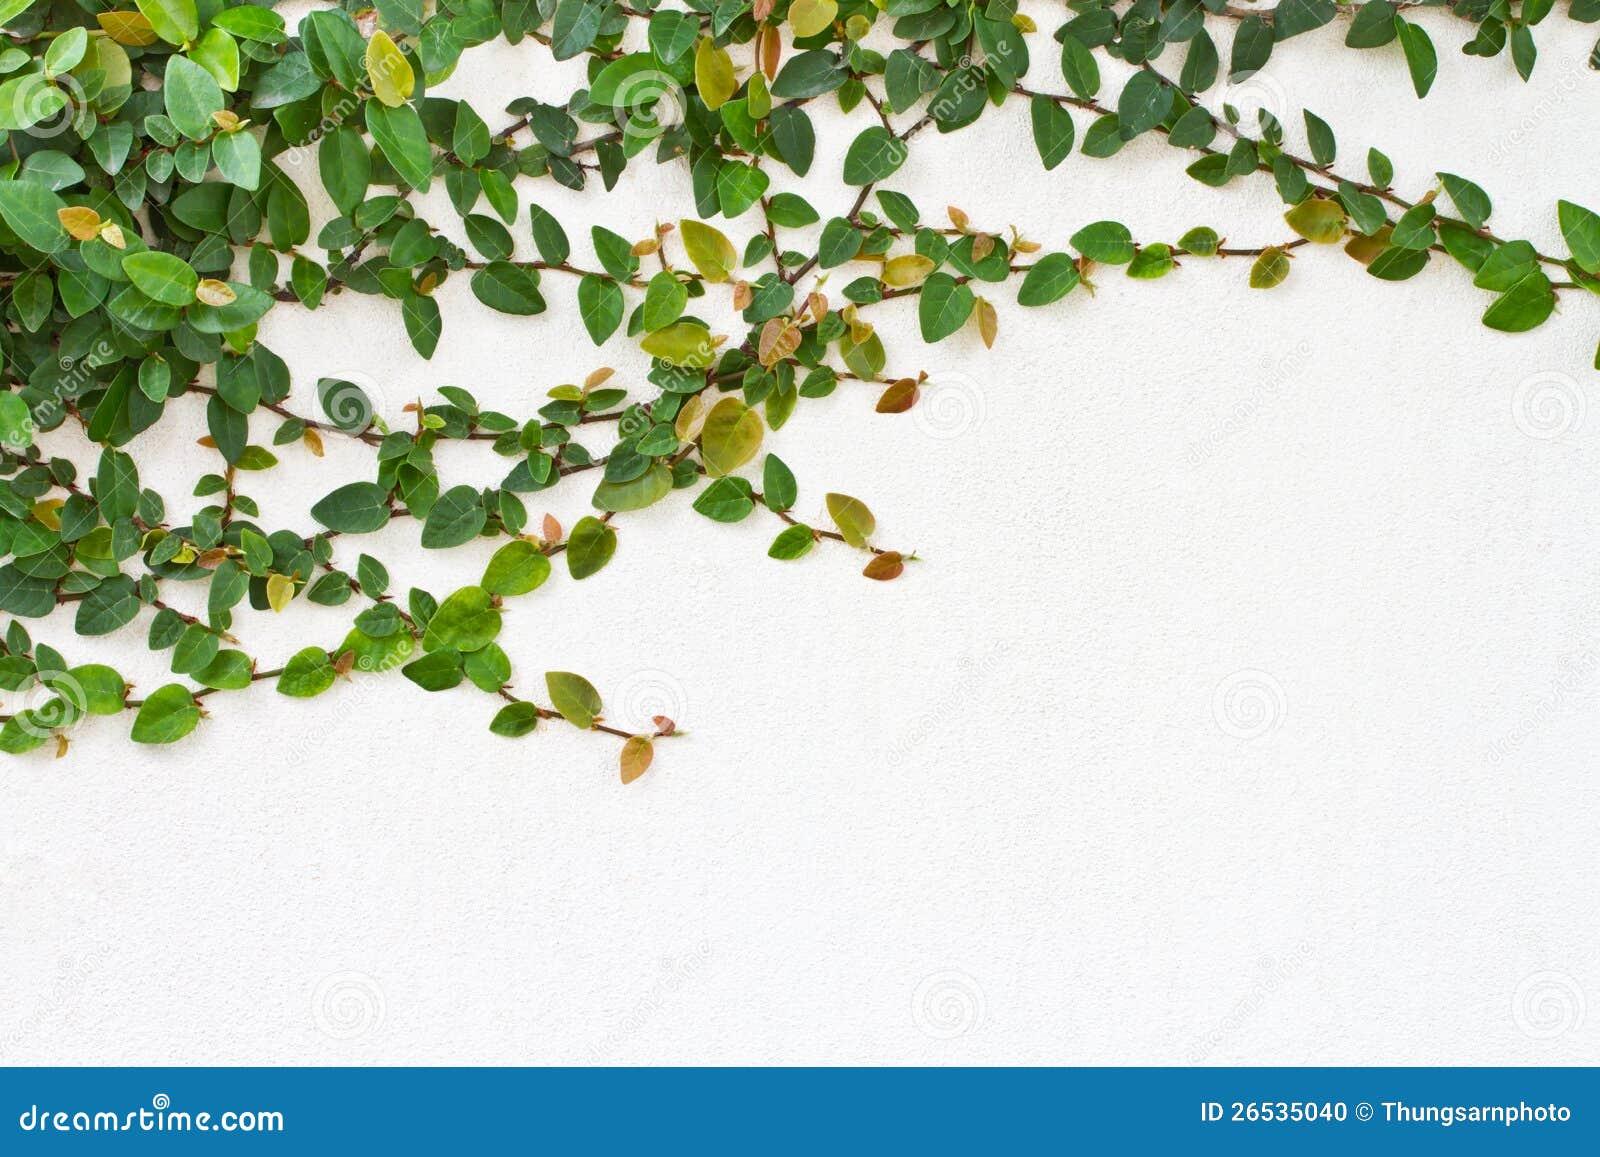 centrale verte de plante grimpante photo stock image du contexte trou 26535040. Black Bedroom Furniture Sets. Home Design Ideas